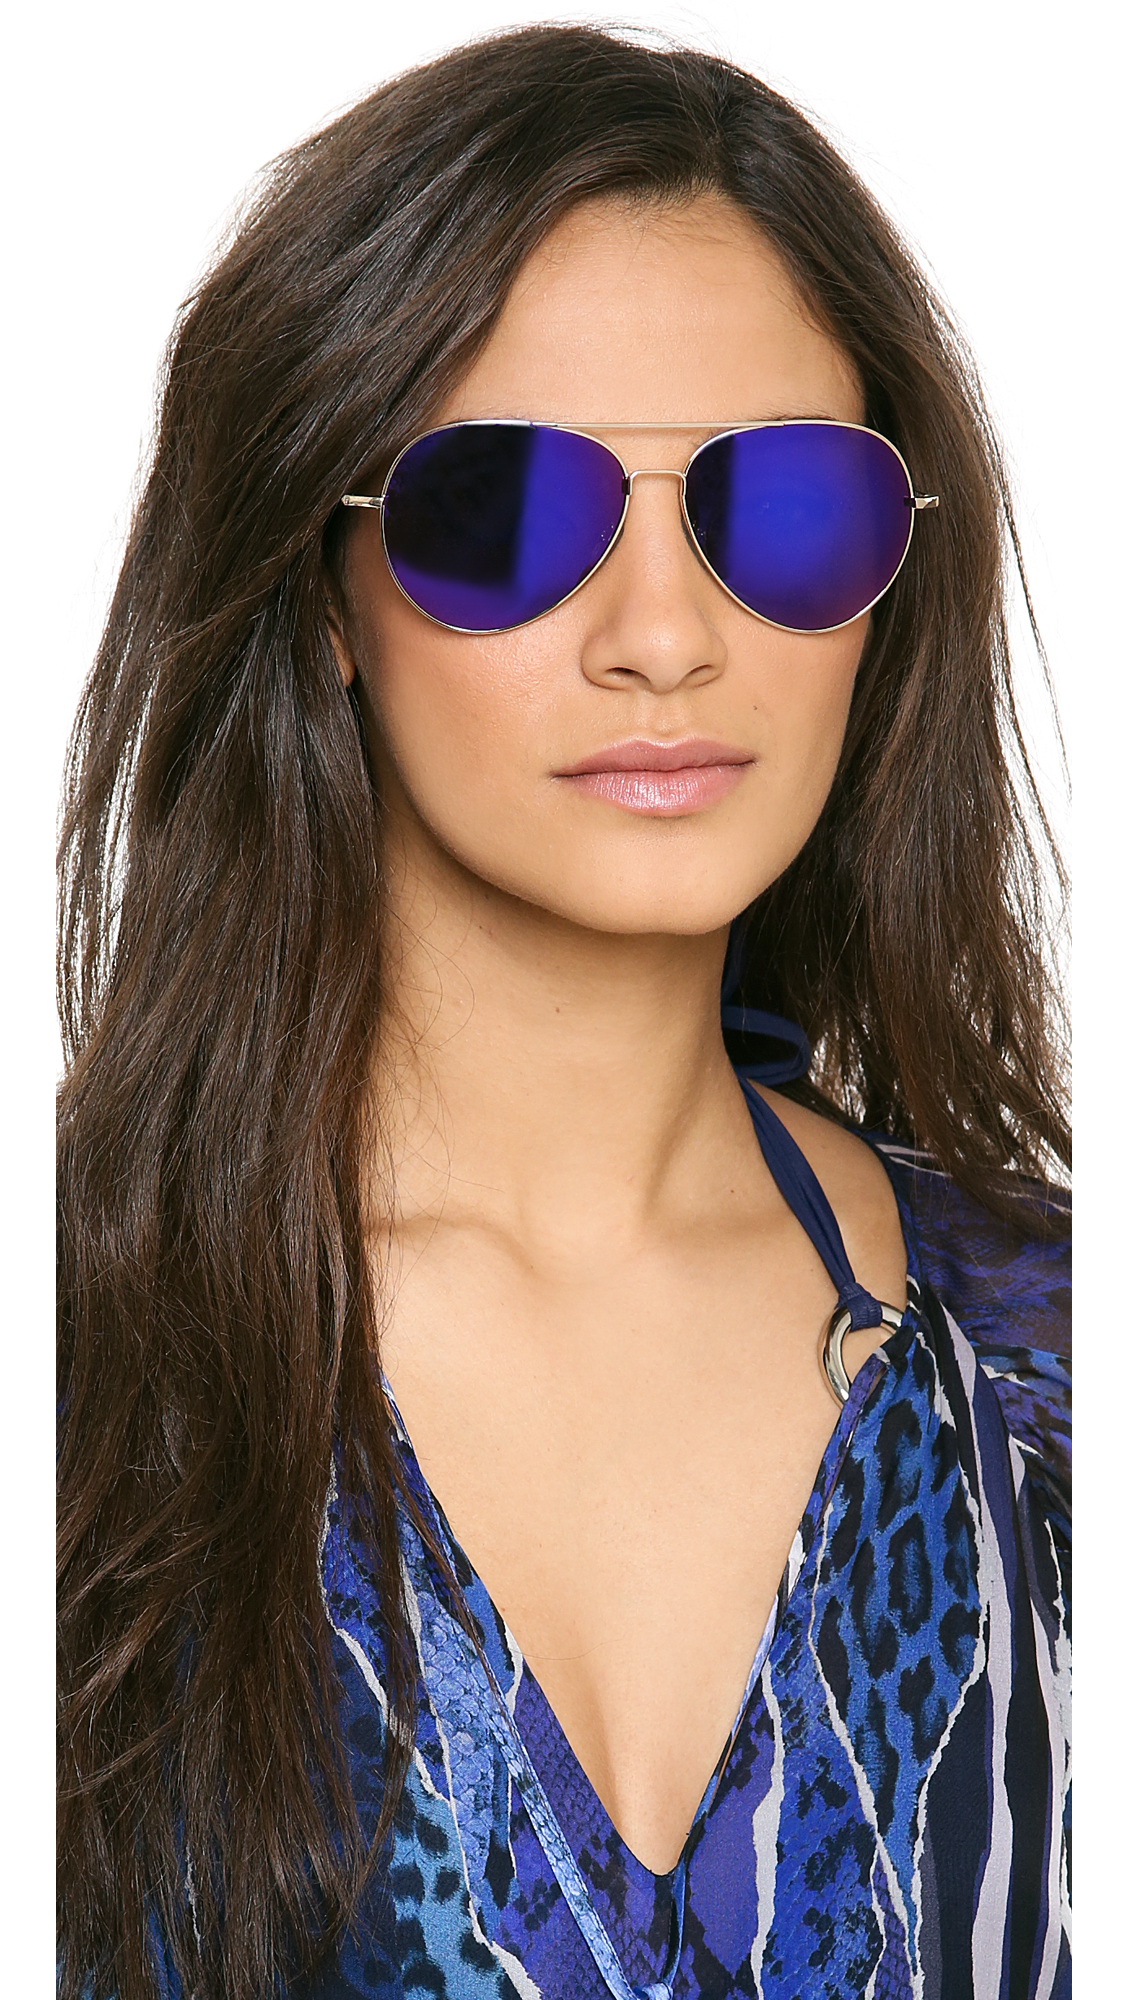 Matthew Williamson Mirrored Aviator Sunglassess In Purple